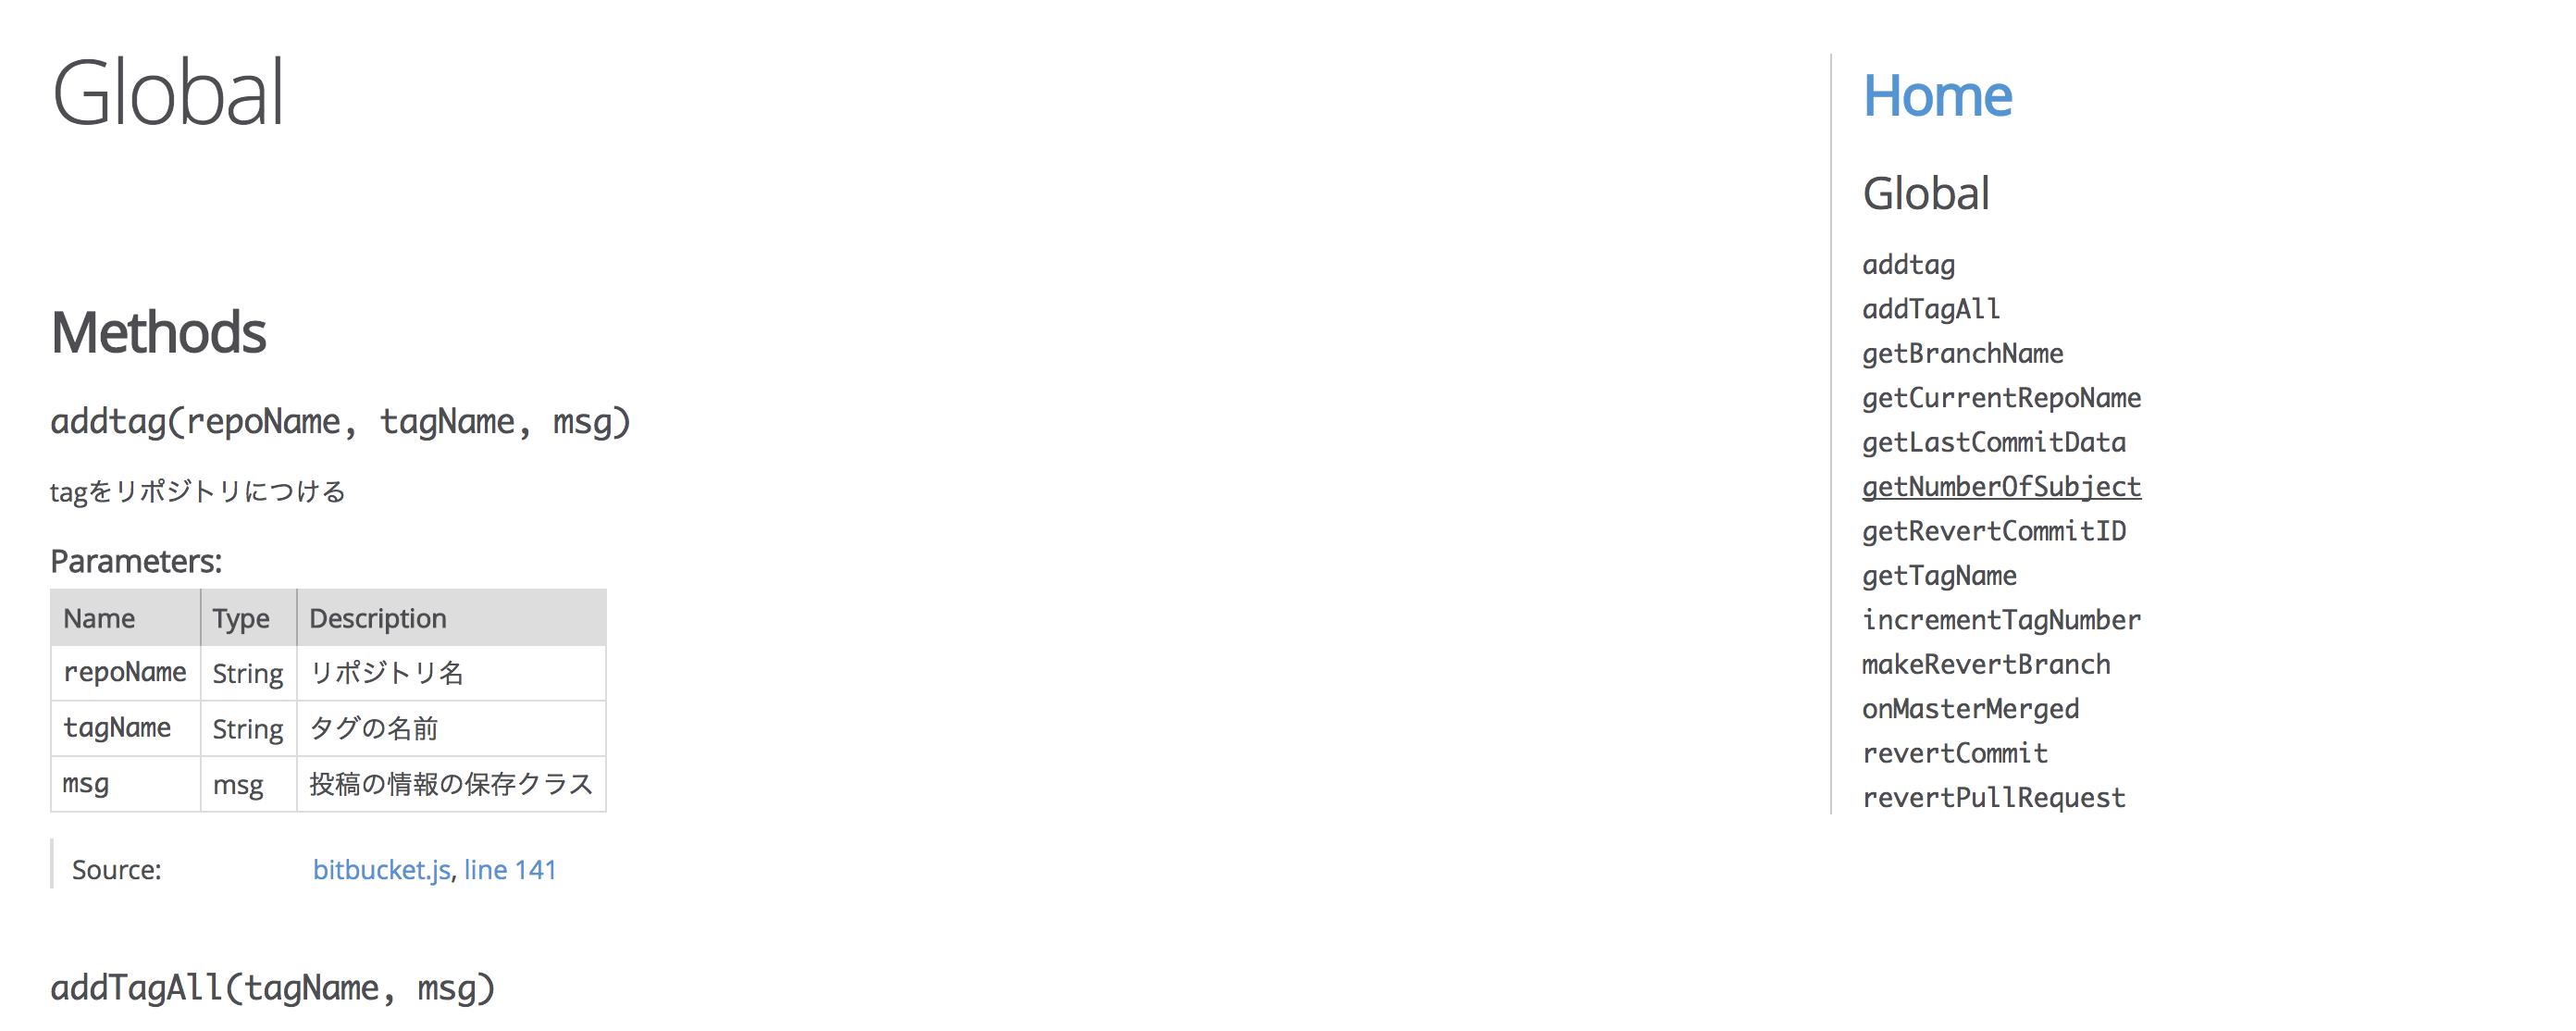 スクリーンショット 2017-09-29 17.05.06.png